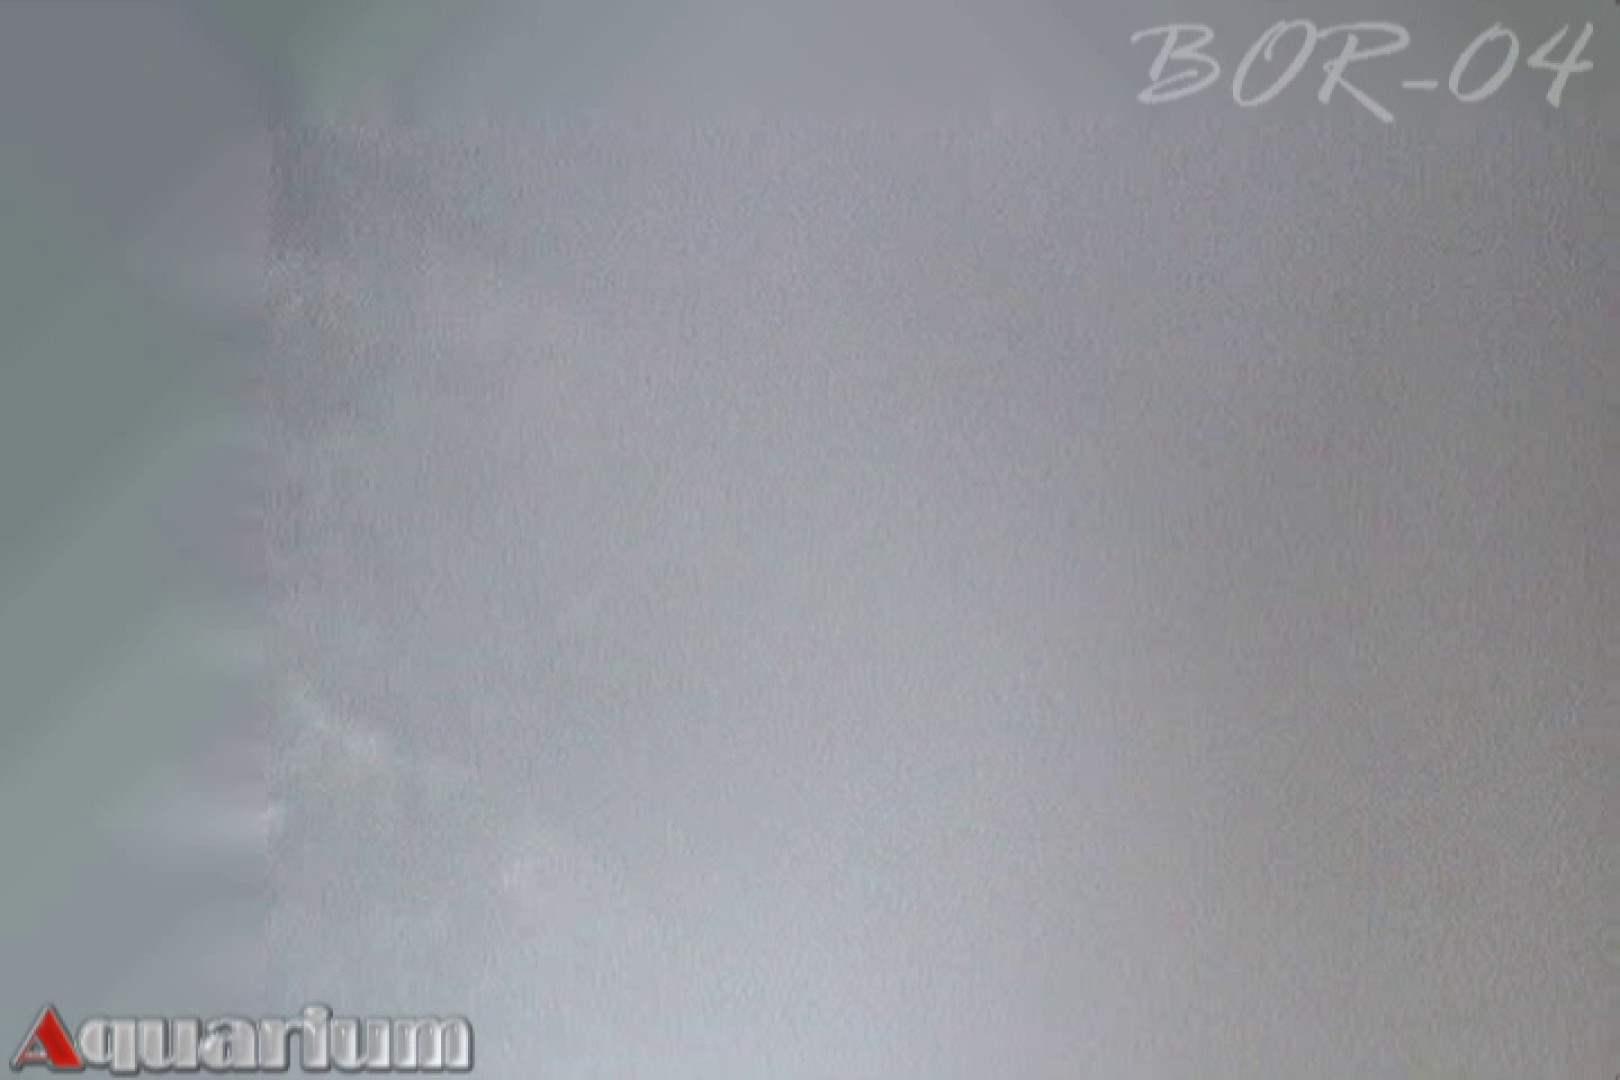 Aquaな露天風呂Vol.511 盗撮師作品 | 美しいOLの裸体  91pic 61